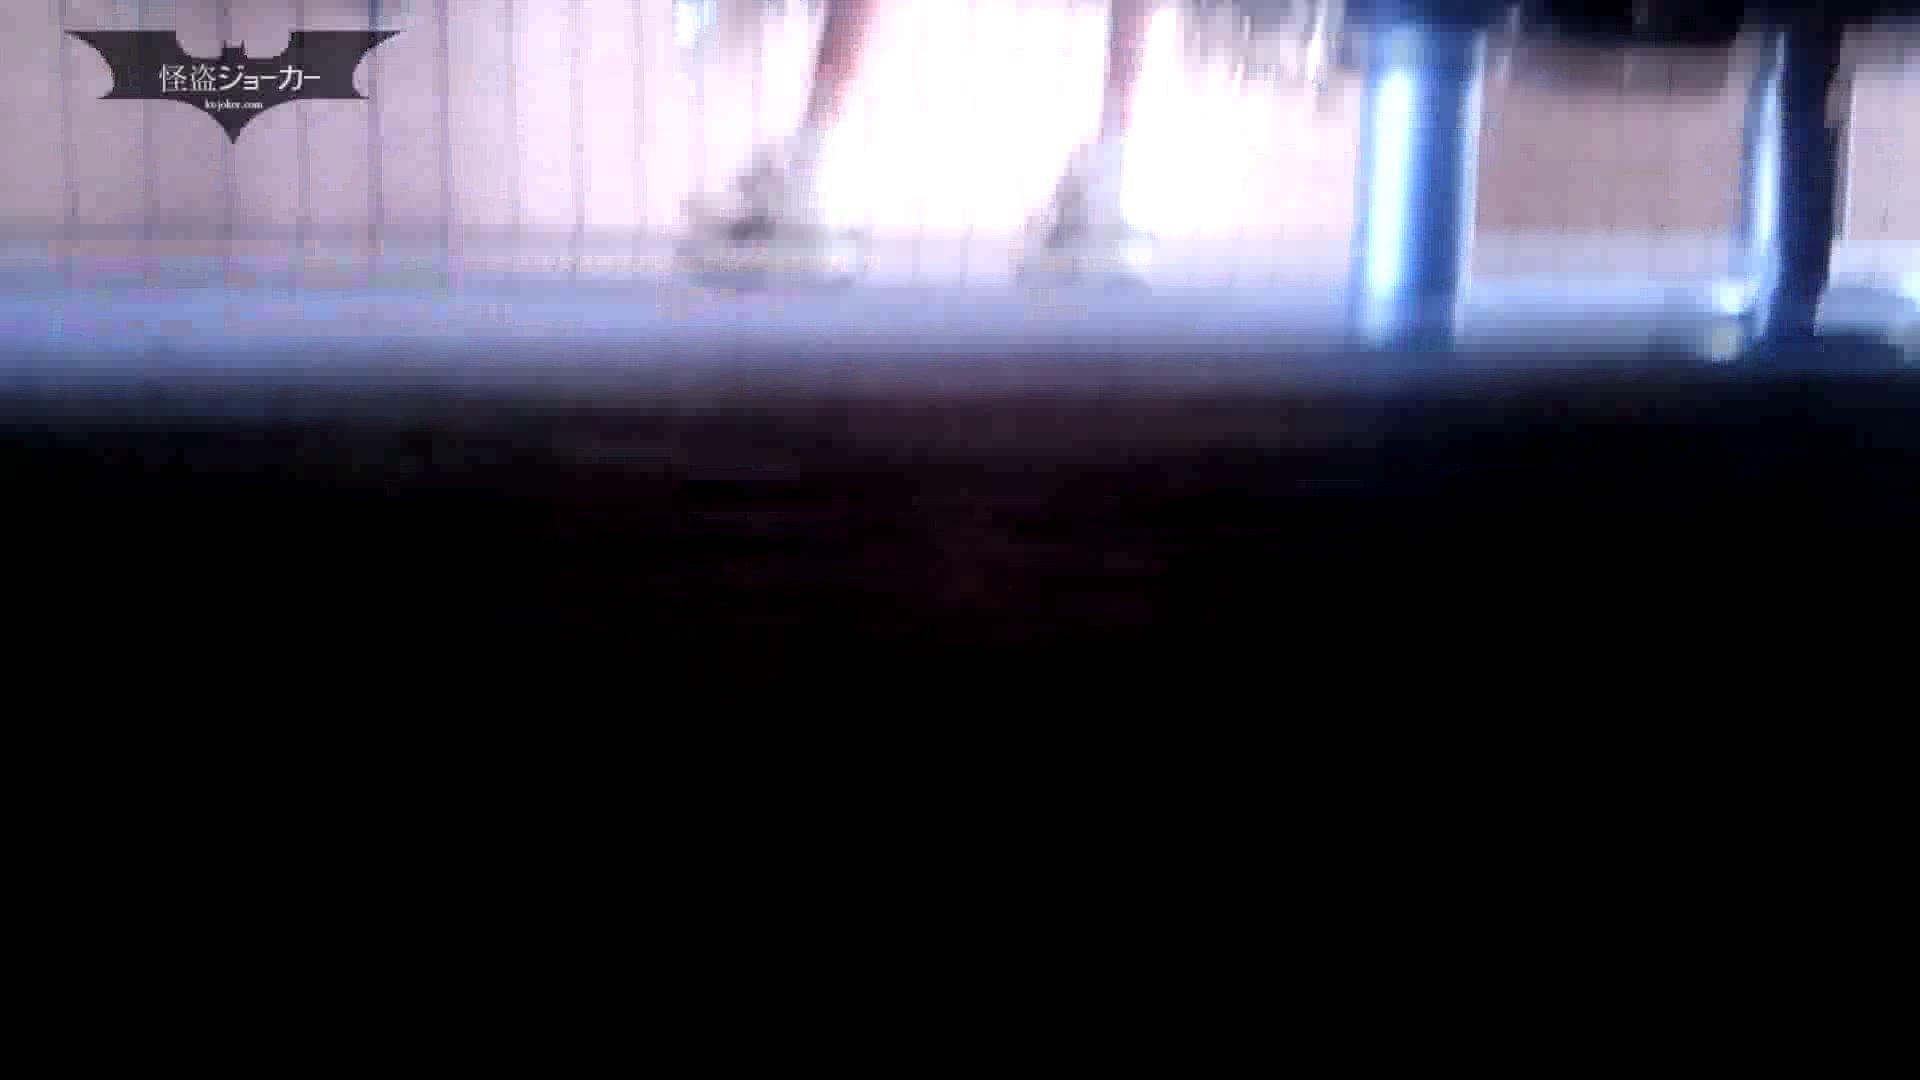 アダルトエロ動画|化粧室絵巻 番外編 VOL.19|怪盗ジョーカー